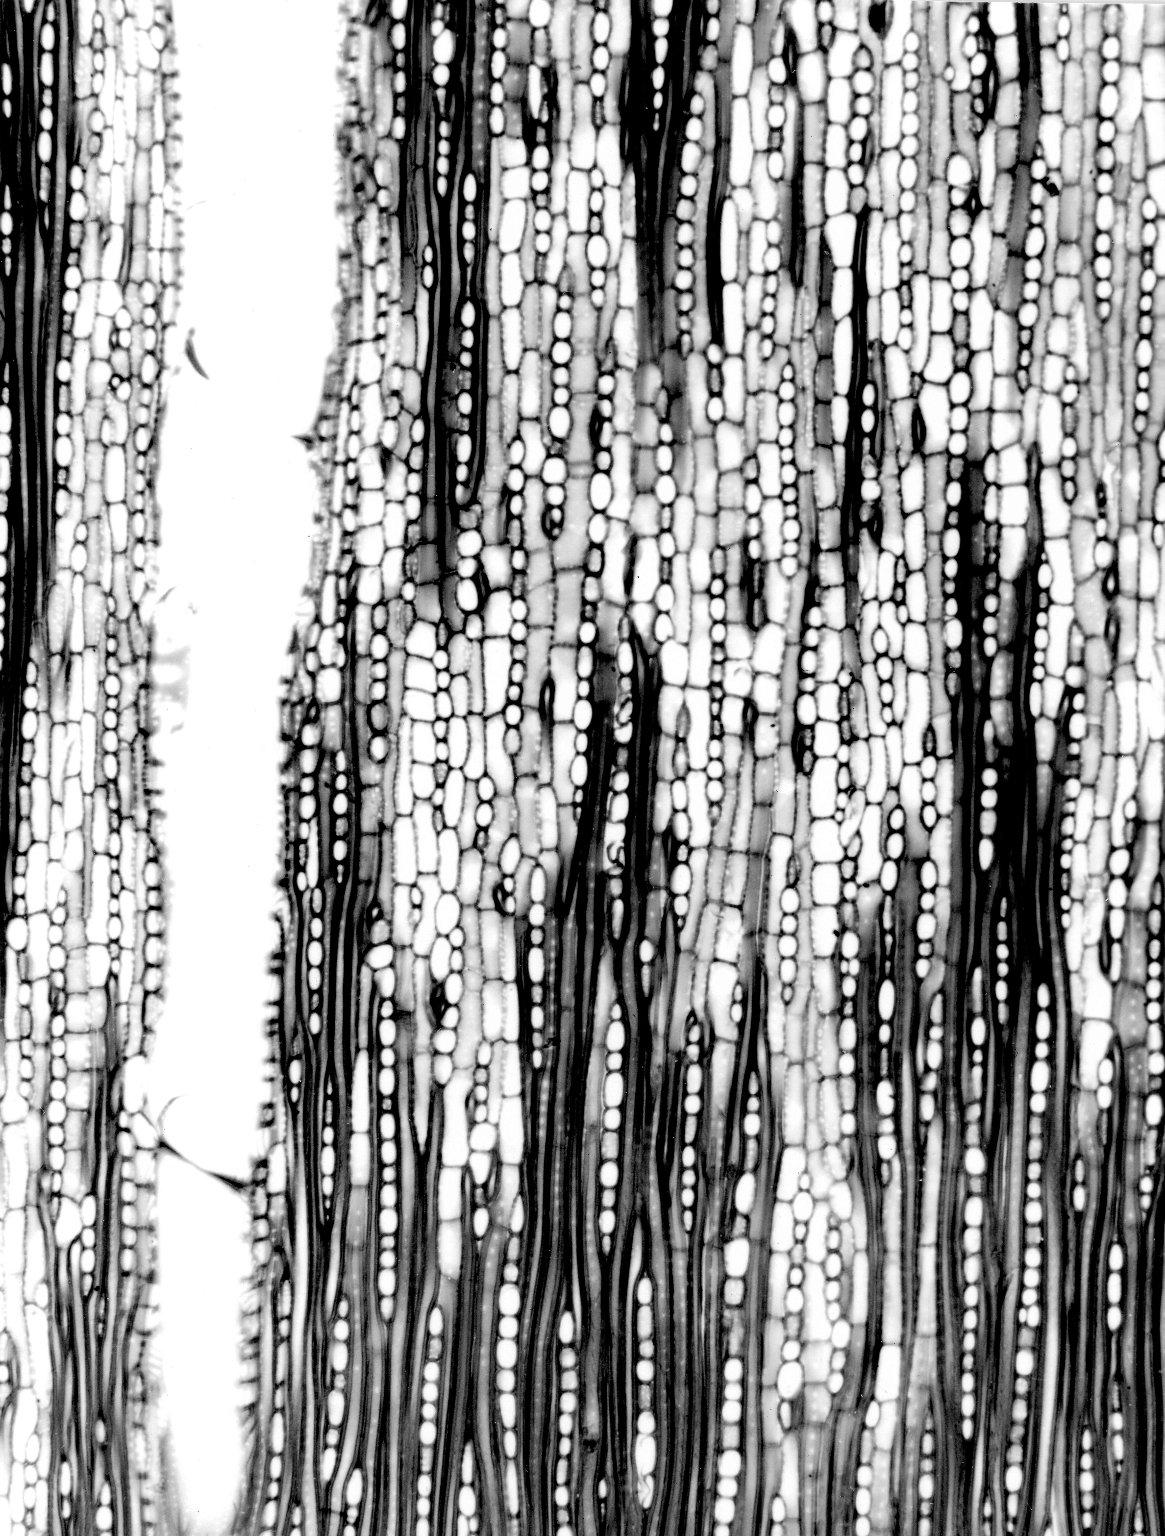 CHRYSOBALANACEAE Parinari curatellifolia